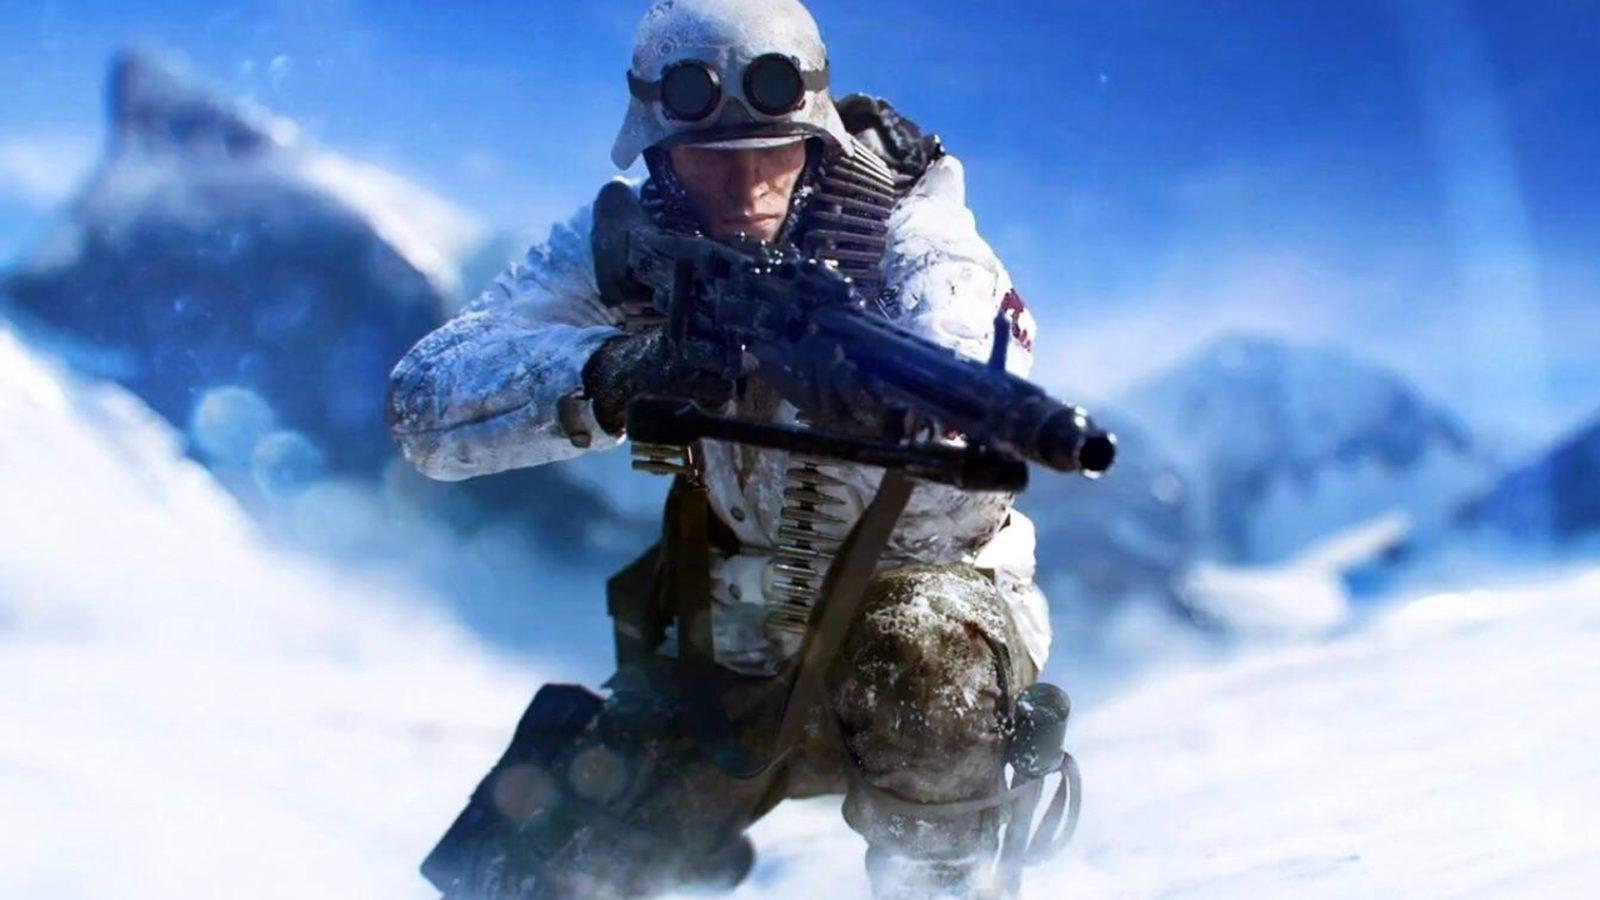 Картинка к видео игре battlefield 5